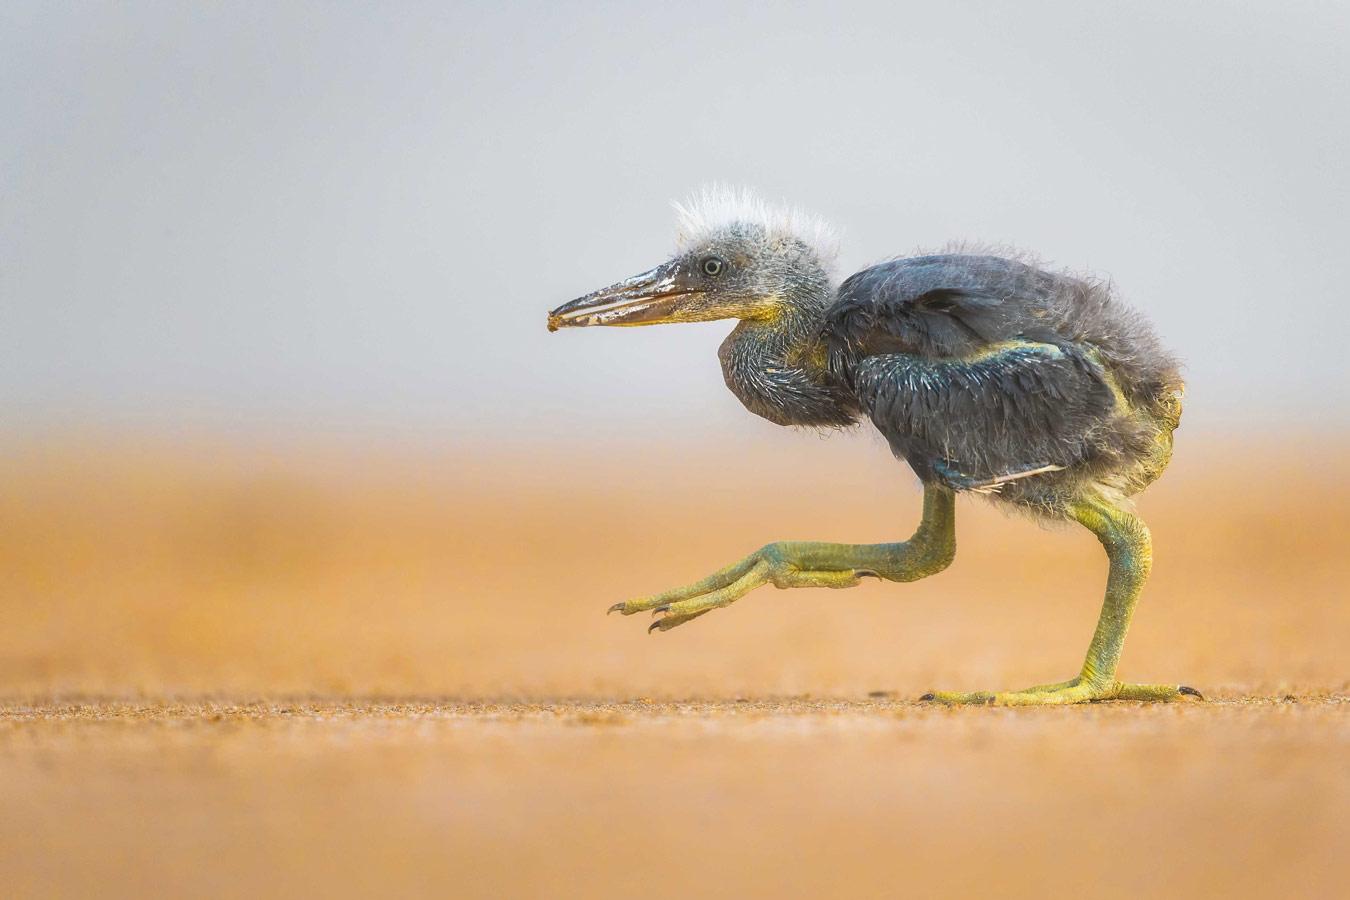 Втихомолку. Остров Бубиян, Кувейт, © Фейсал Аль-Номас, город Кувейт, Кувейт, Победитель категории «Птицы», Фотоконкурс «Лучшая природная фотография Азии»